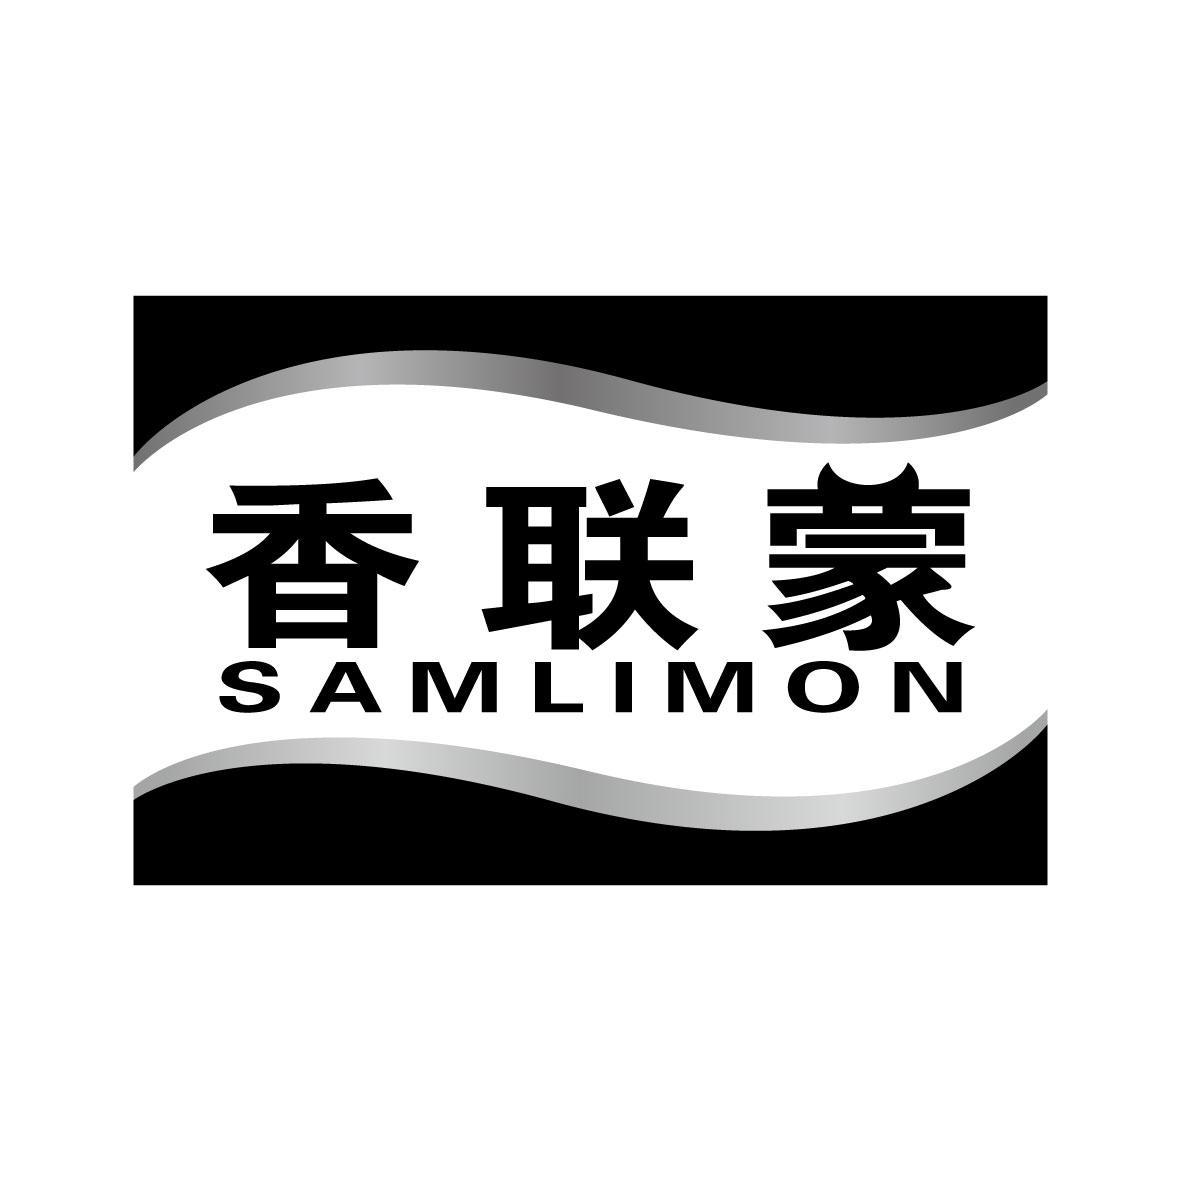 转让商标-香联蒙 SAMLIMON